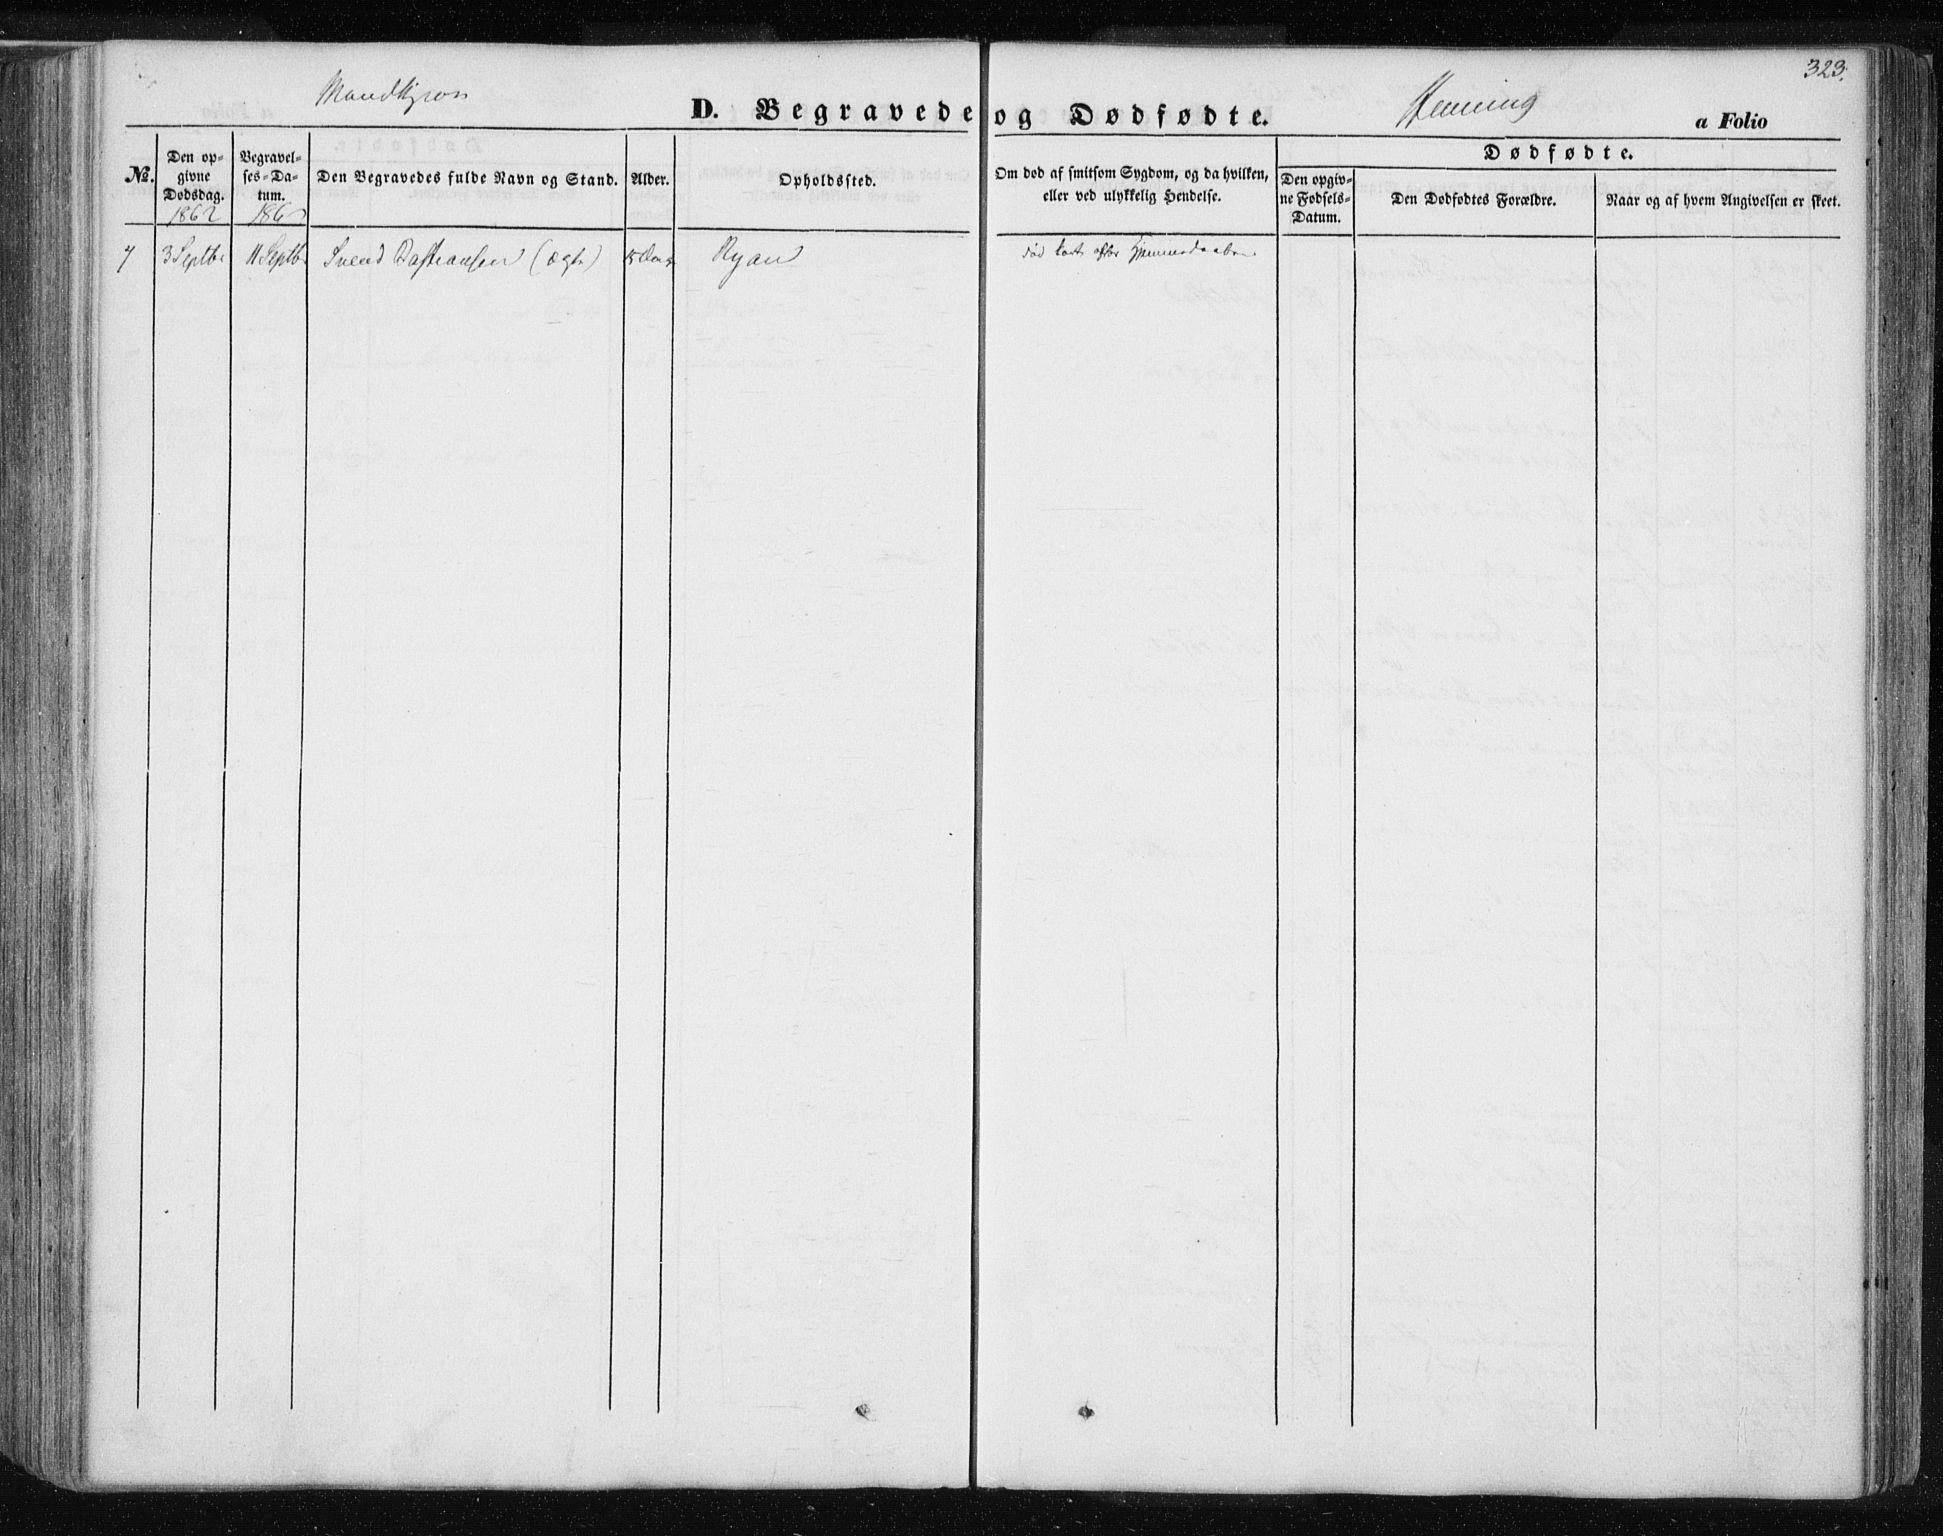 SAT, Ministerialprotokoller, klokkerbøker og fødselsregistre - Nord-Trøndelag, 735/L0342: Ministerialbok nr. 735A07 /3, 1849-1862, s. 323